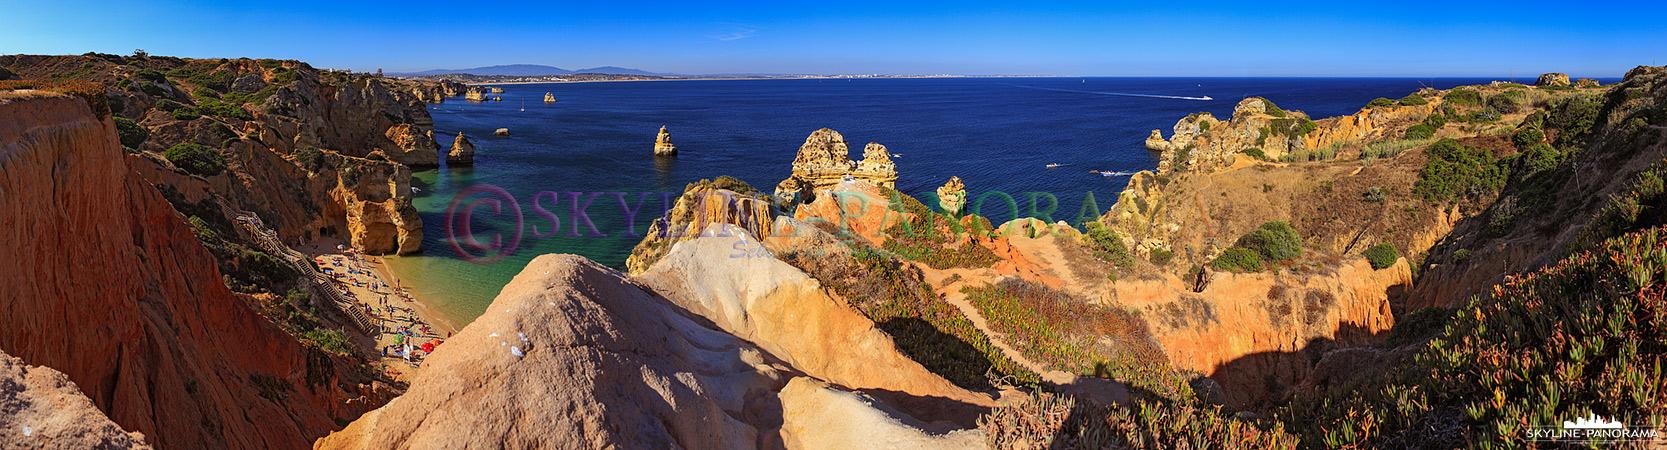 Algarve bei Lagos